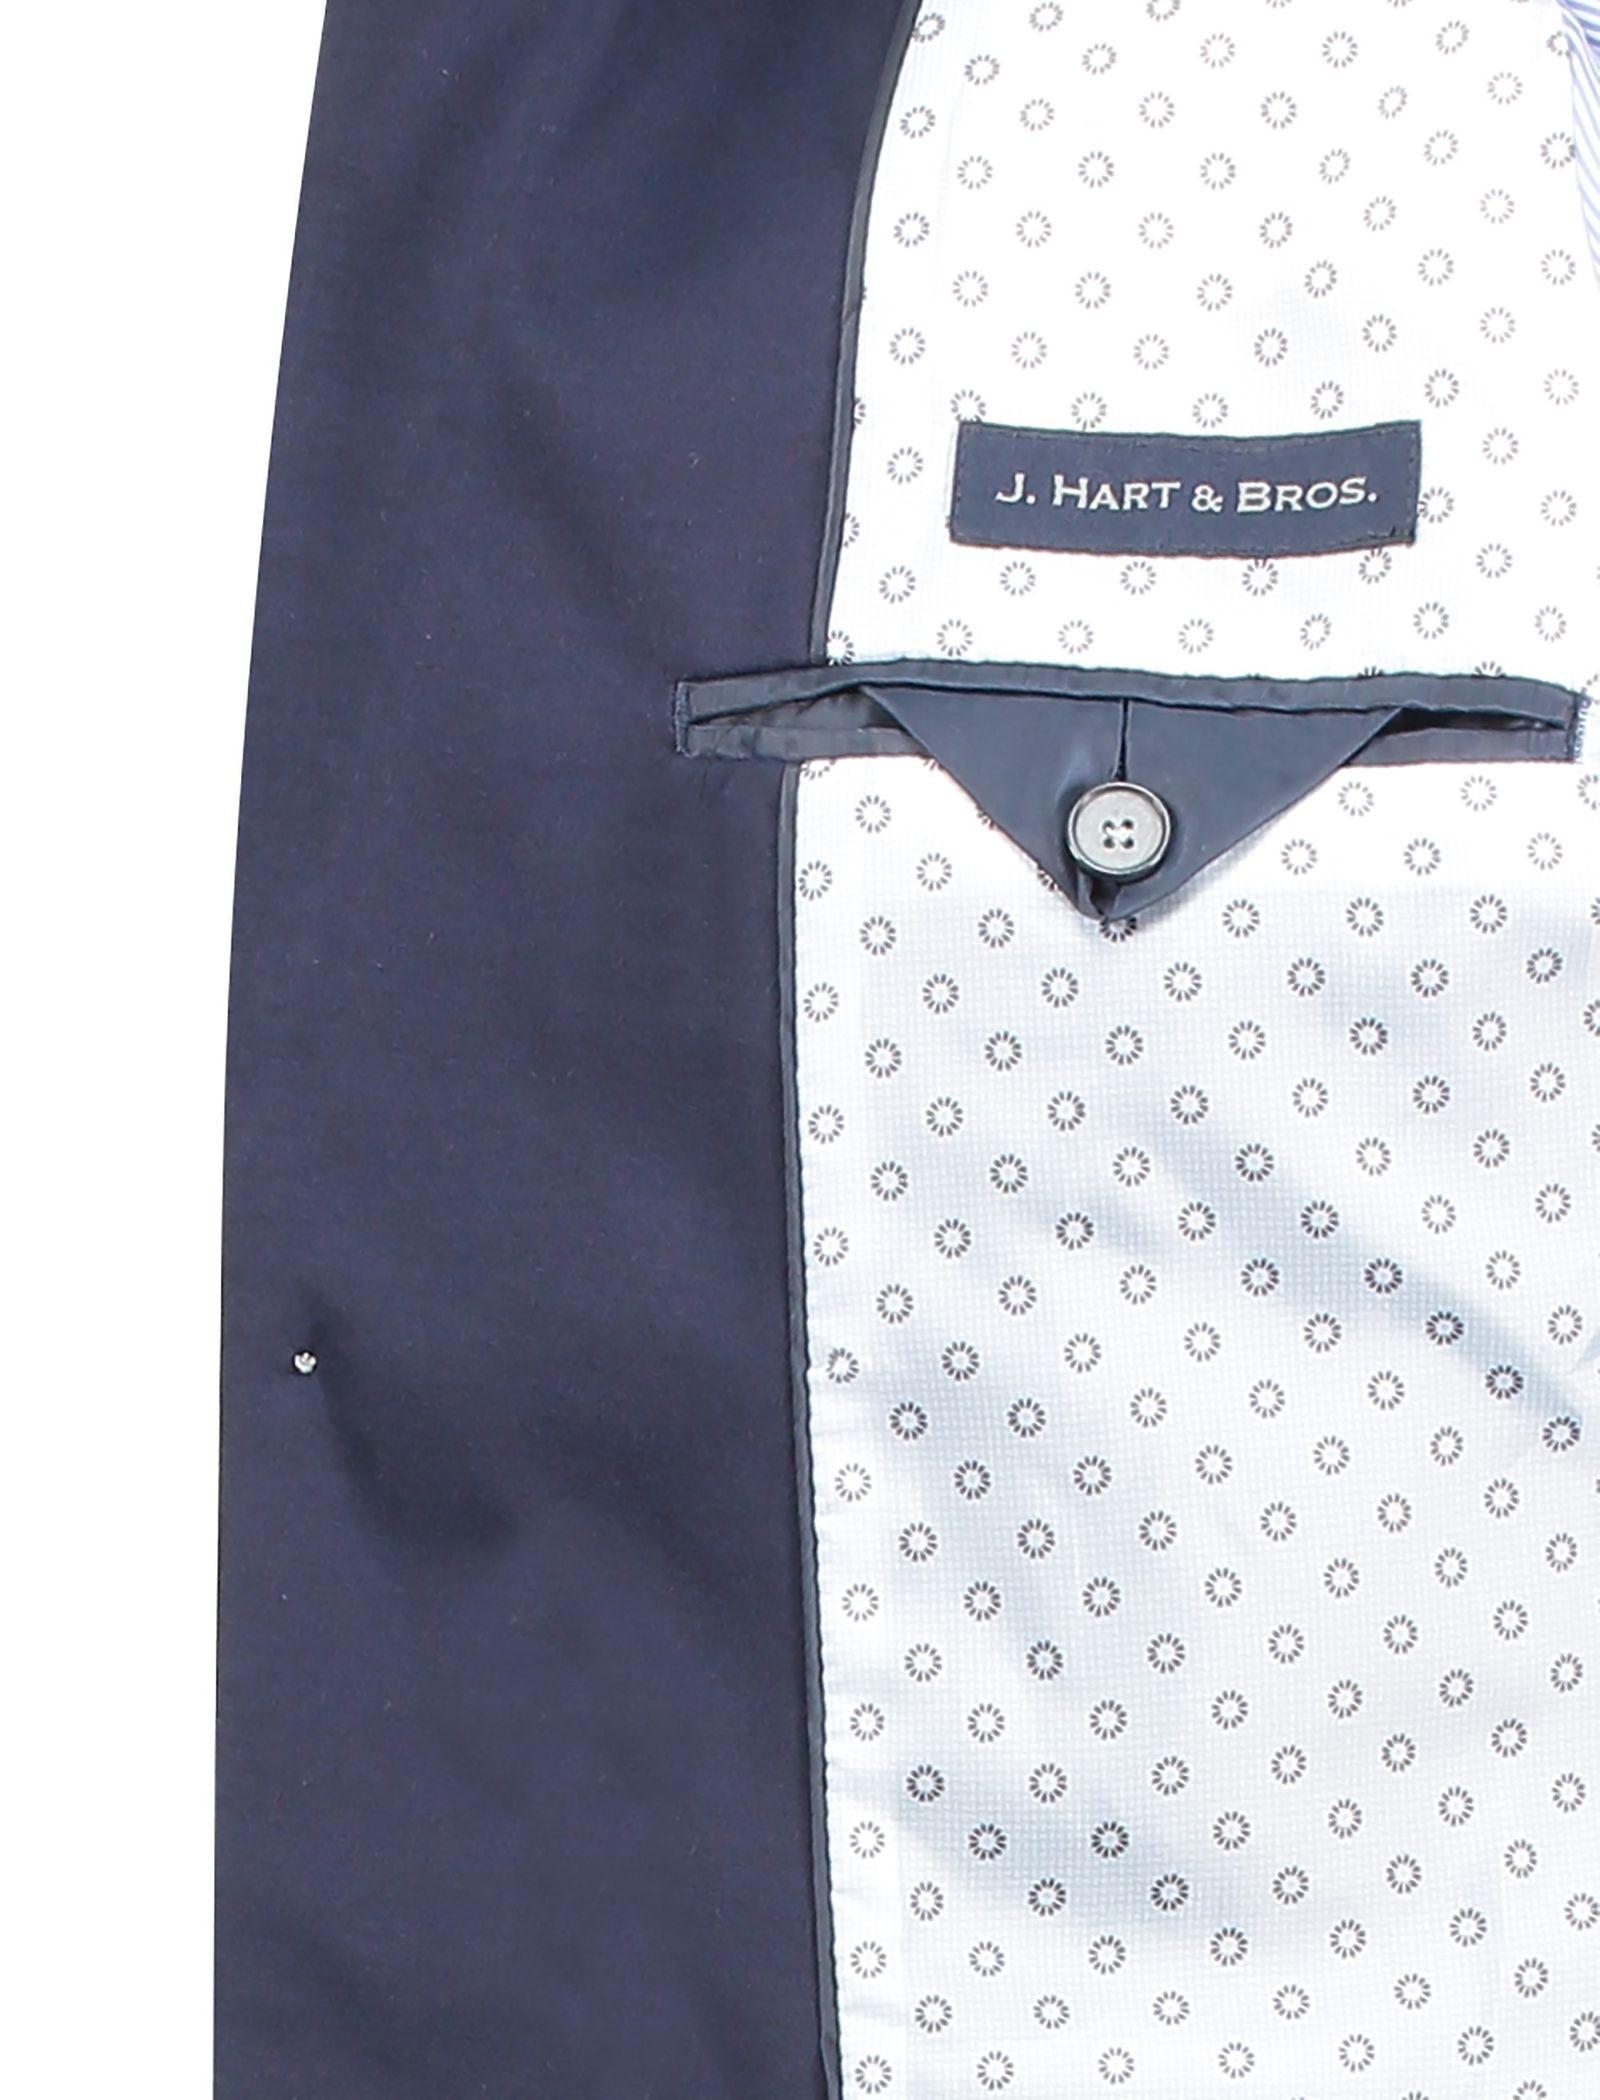 کت تک رسمی مردانه - یوپیم - سرمه اي - 5